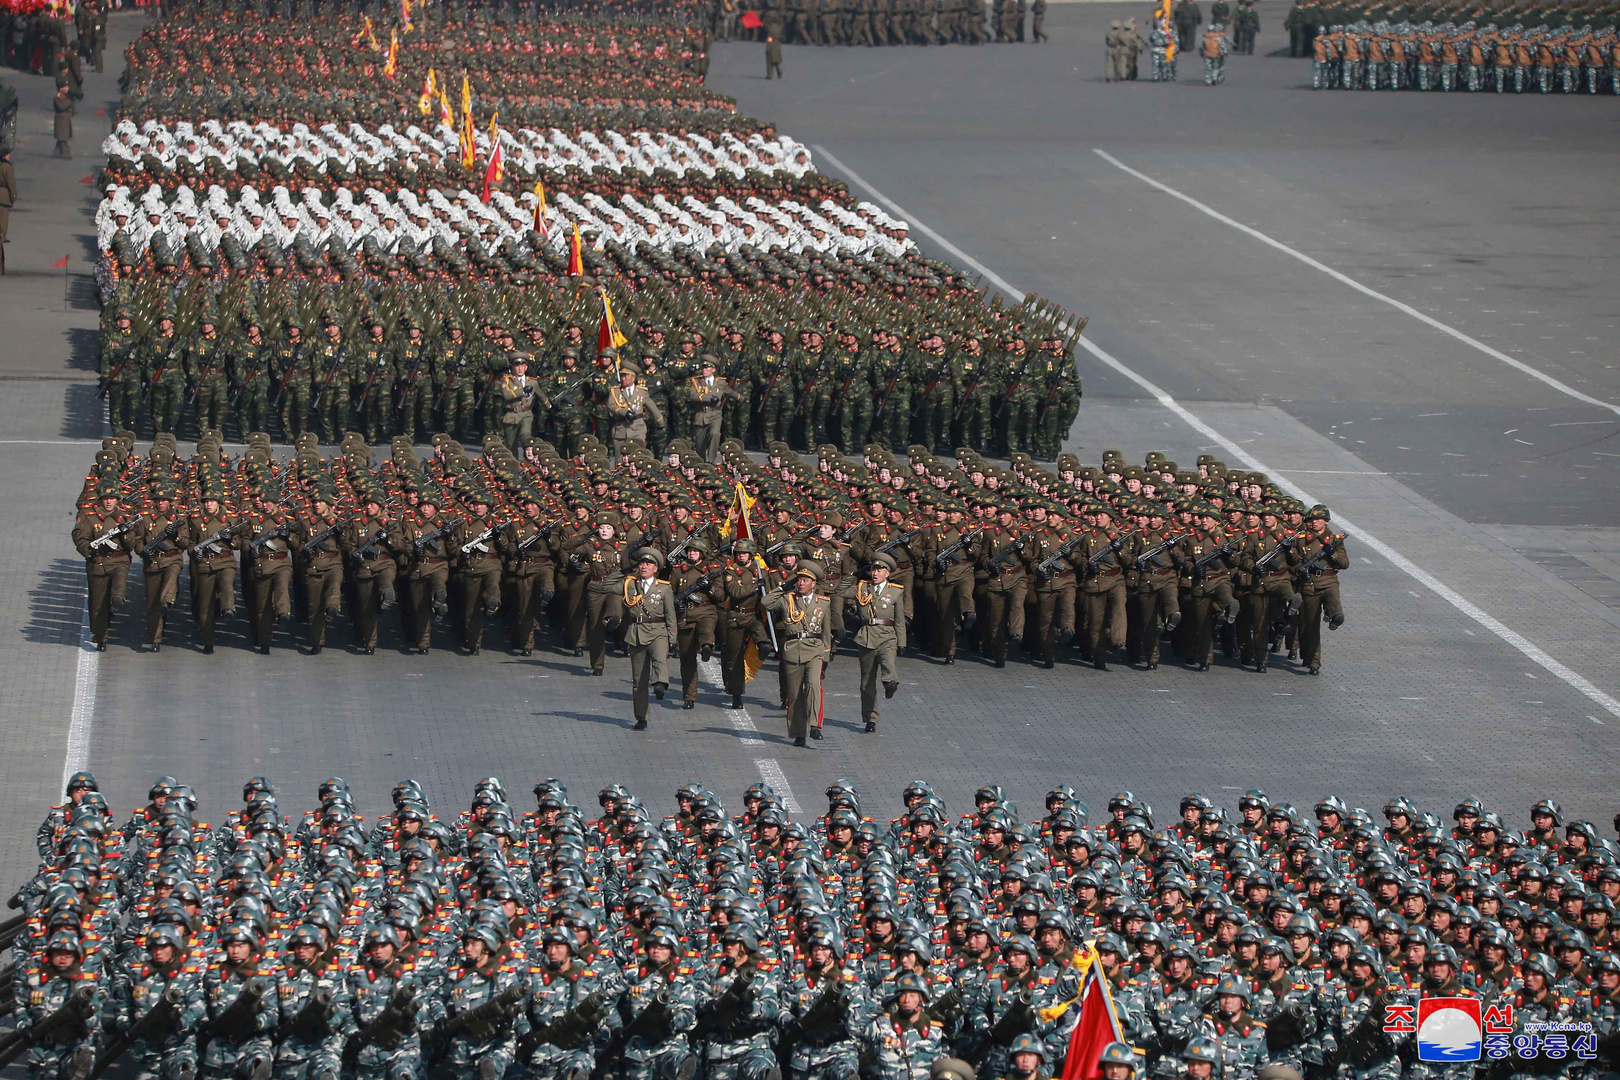 عرض عسكري في كوريا الشمالية (10 فبراير 2018).